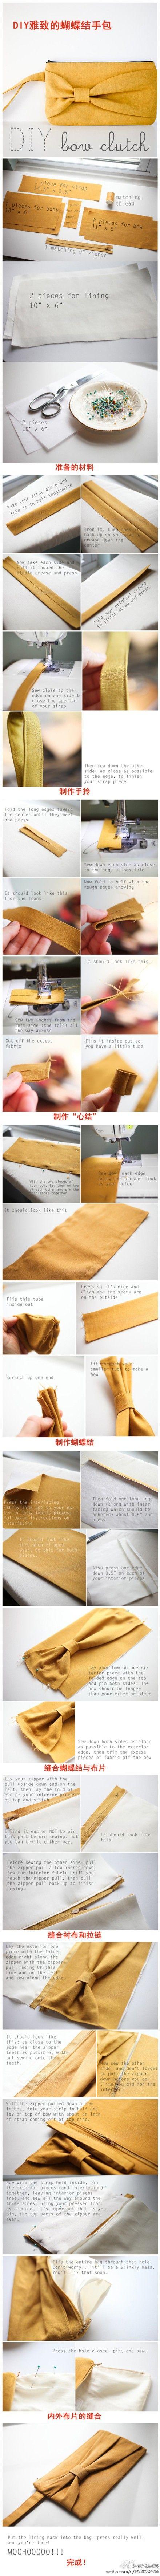 分享可爱蝴蝶结手包DIY教程,超详细的哦